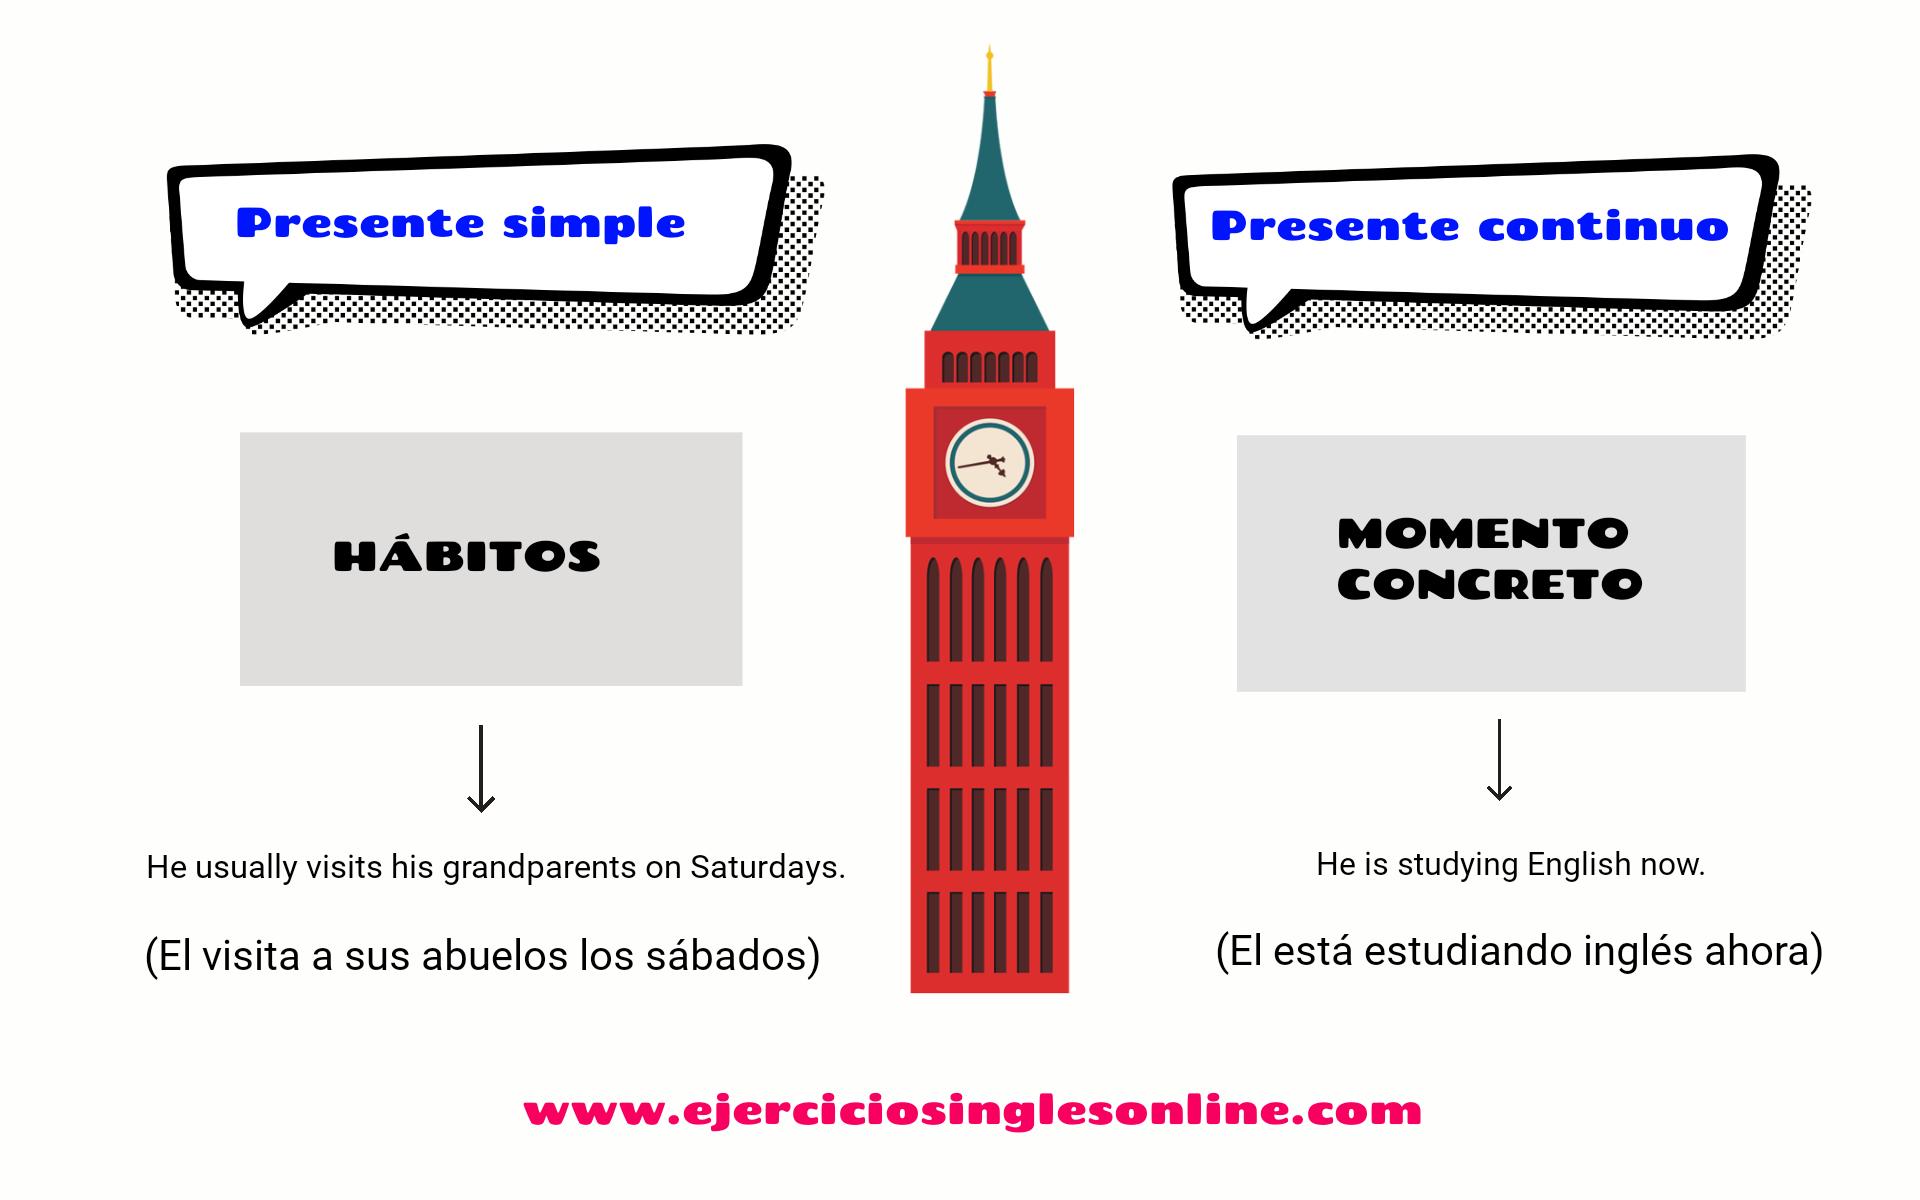 Presente simple vs continuo - Ejercicio A -  Interactivo (Owl)